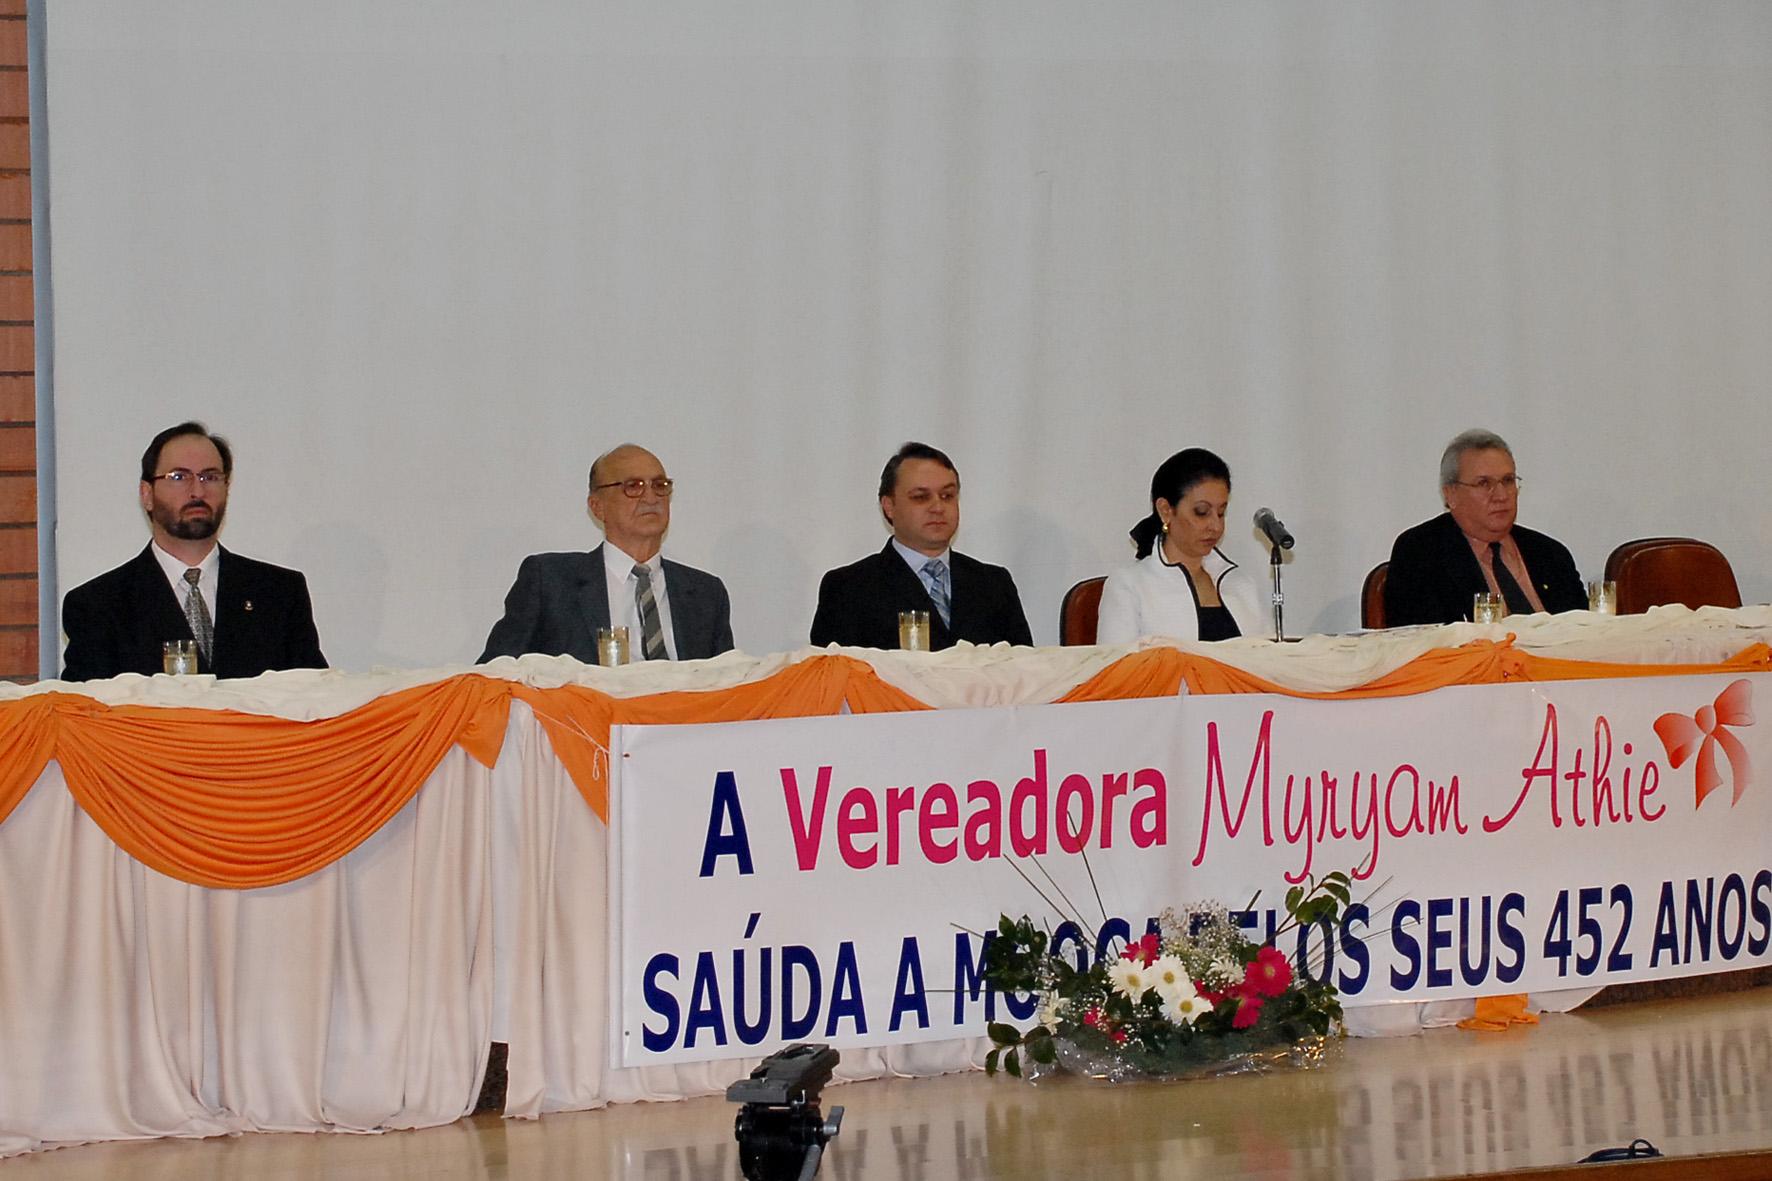 Composição da Mesa: Sr. Durval Luiz da Silva - professor da Universidade São Judas Tadeu, Vereadora Myryam Athie, Sr Eduardo Odloak - subprefeito da m